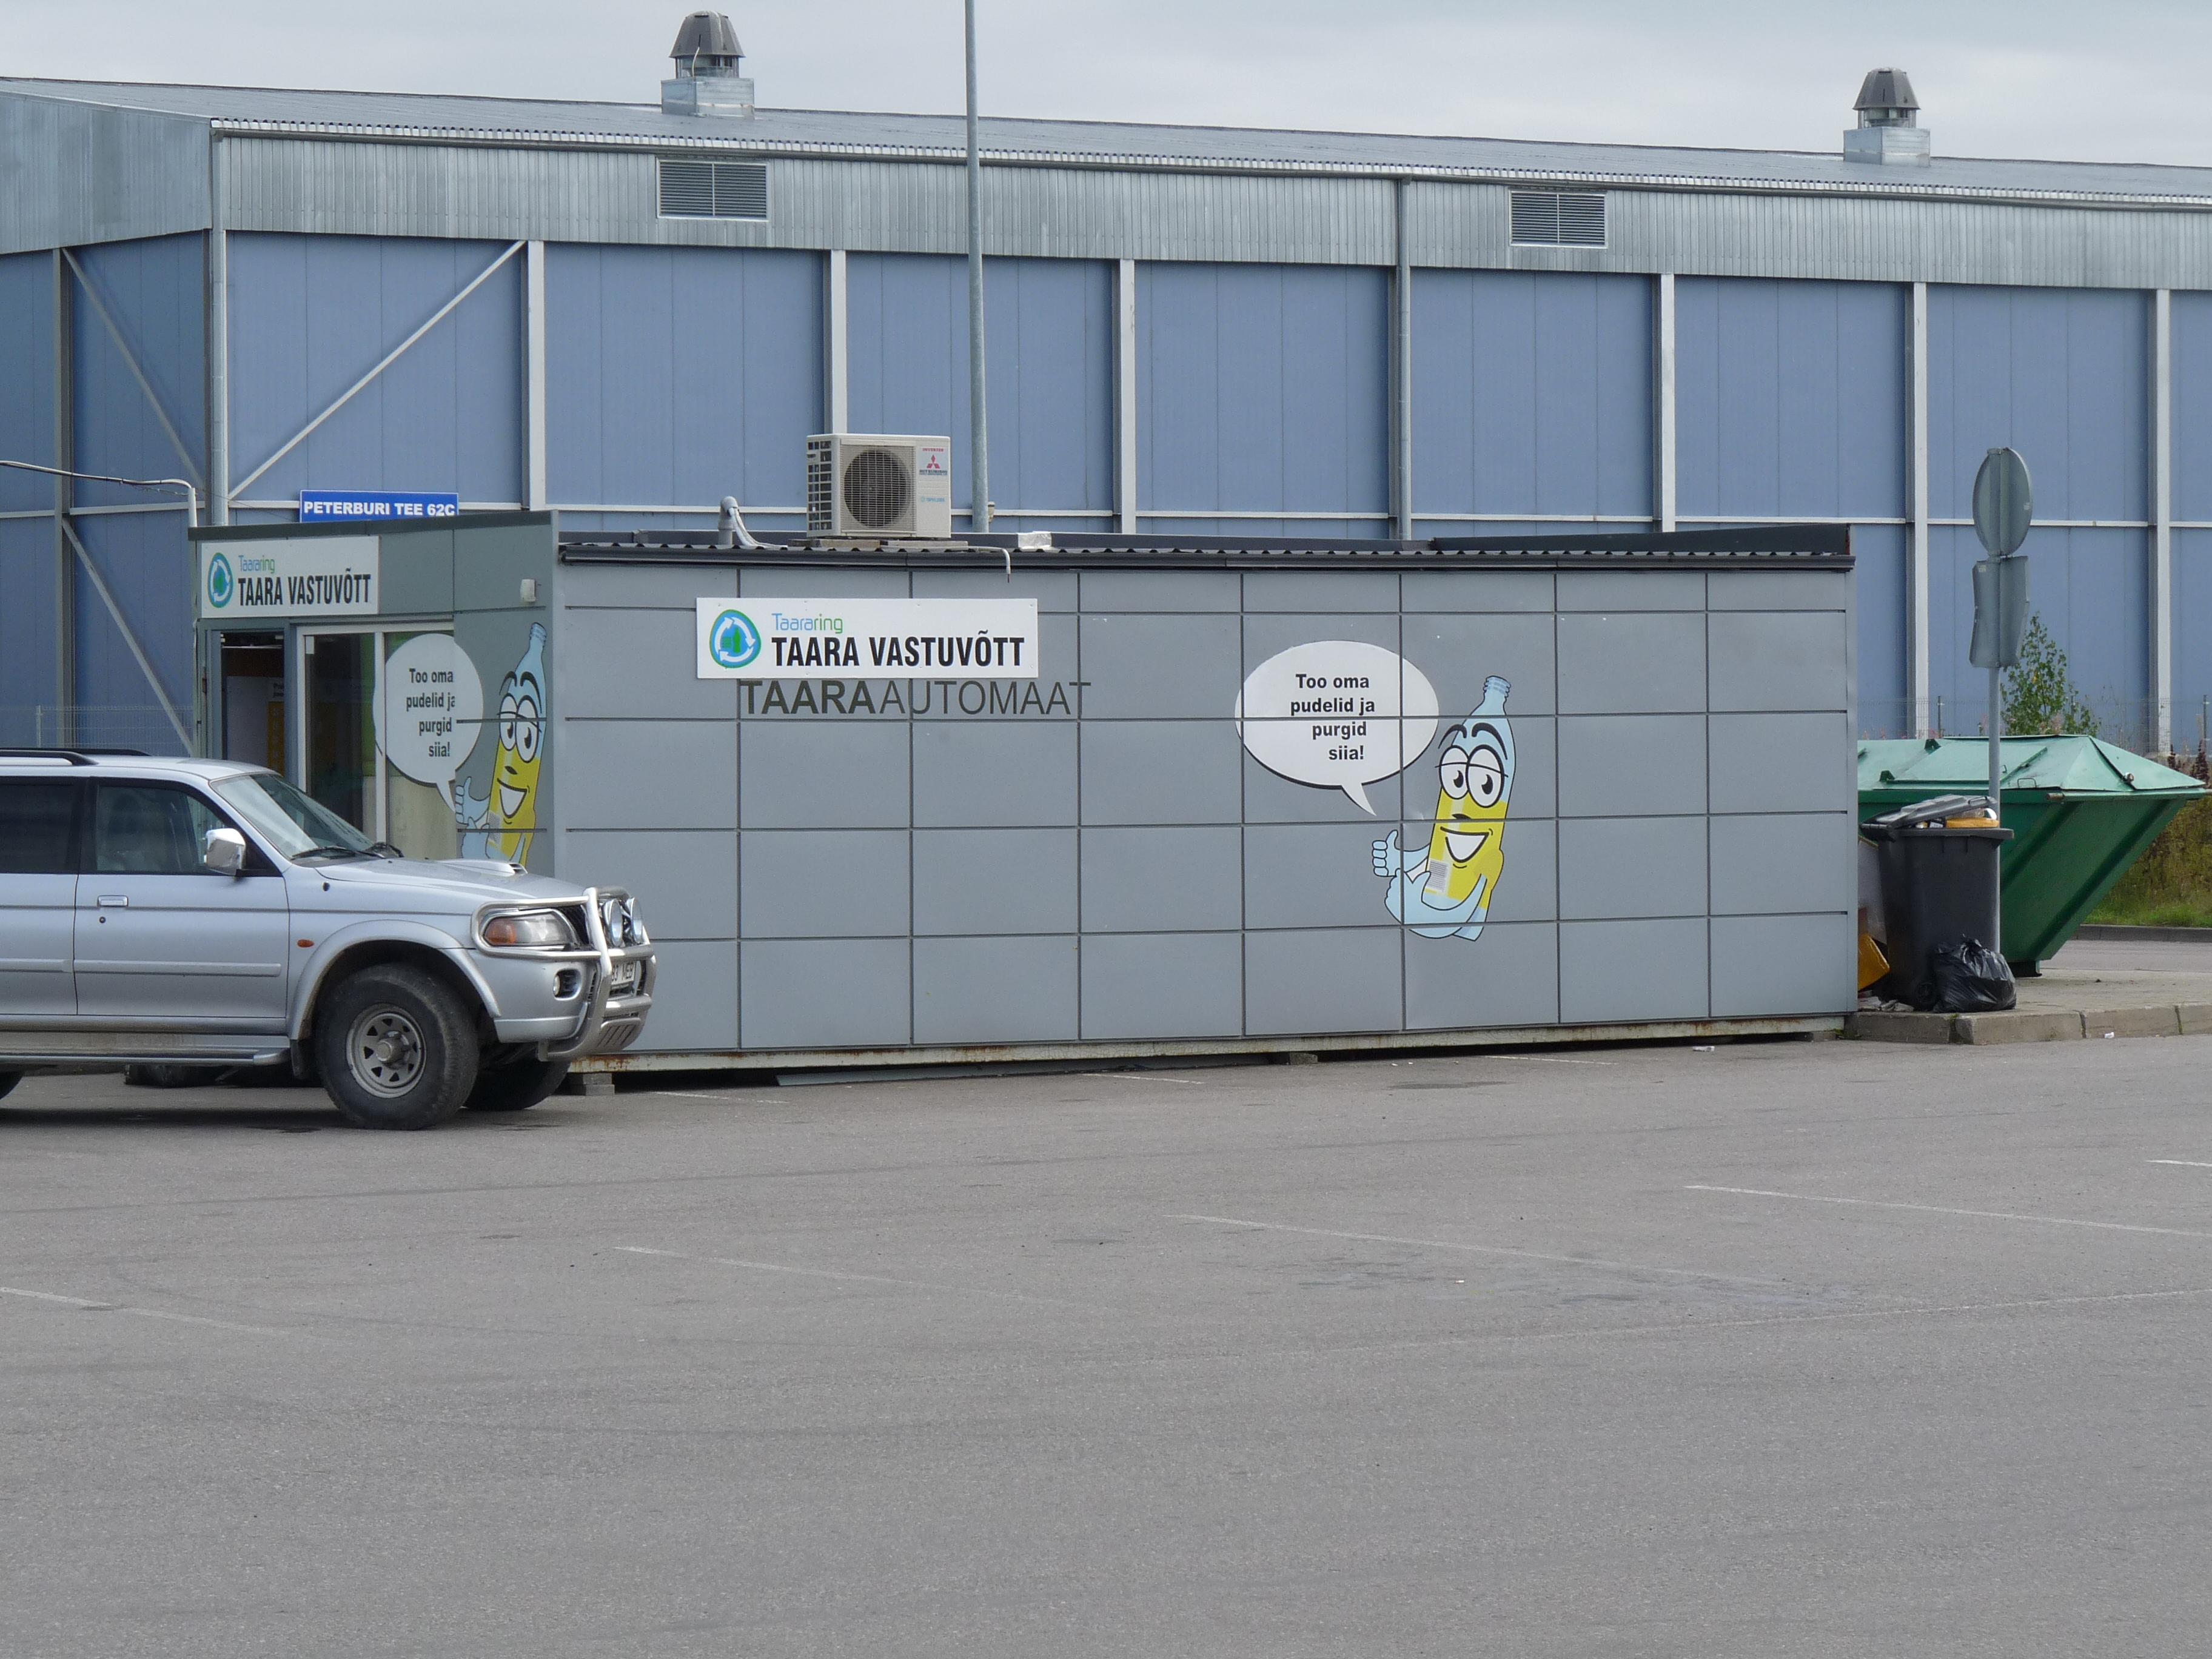 10174fc44ef File:EU-EE-Tallinn-LAS-Smuuli-bottle reverse vending machine.JPG ...